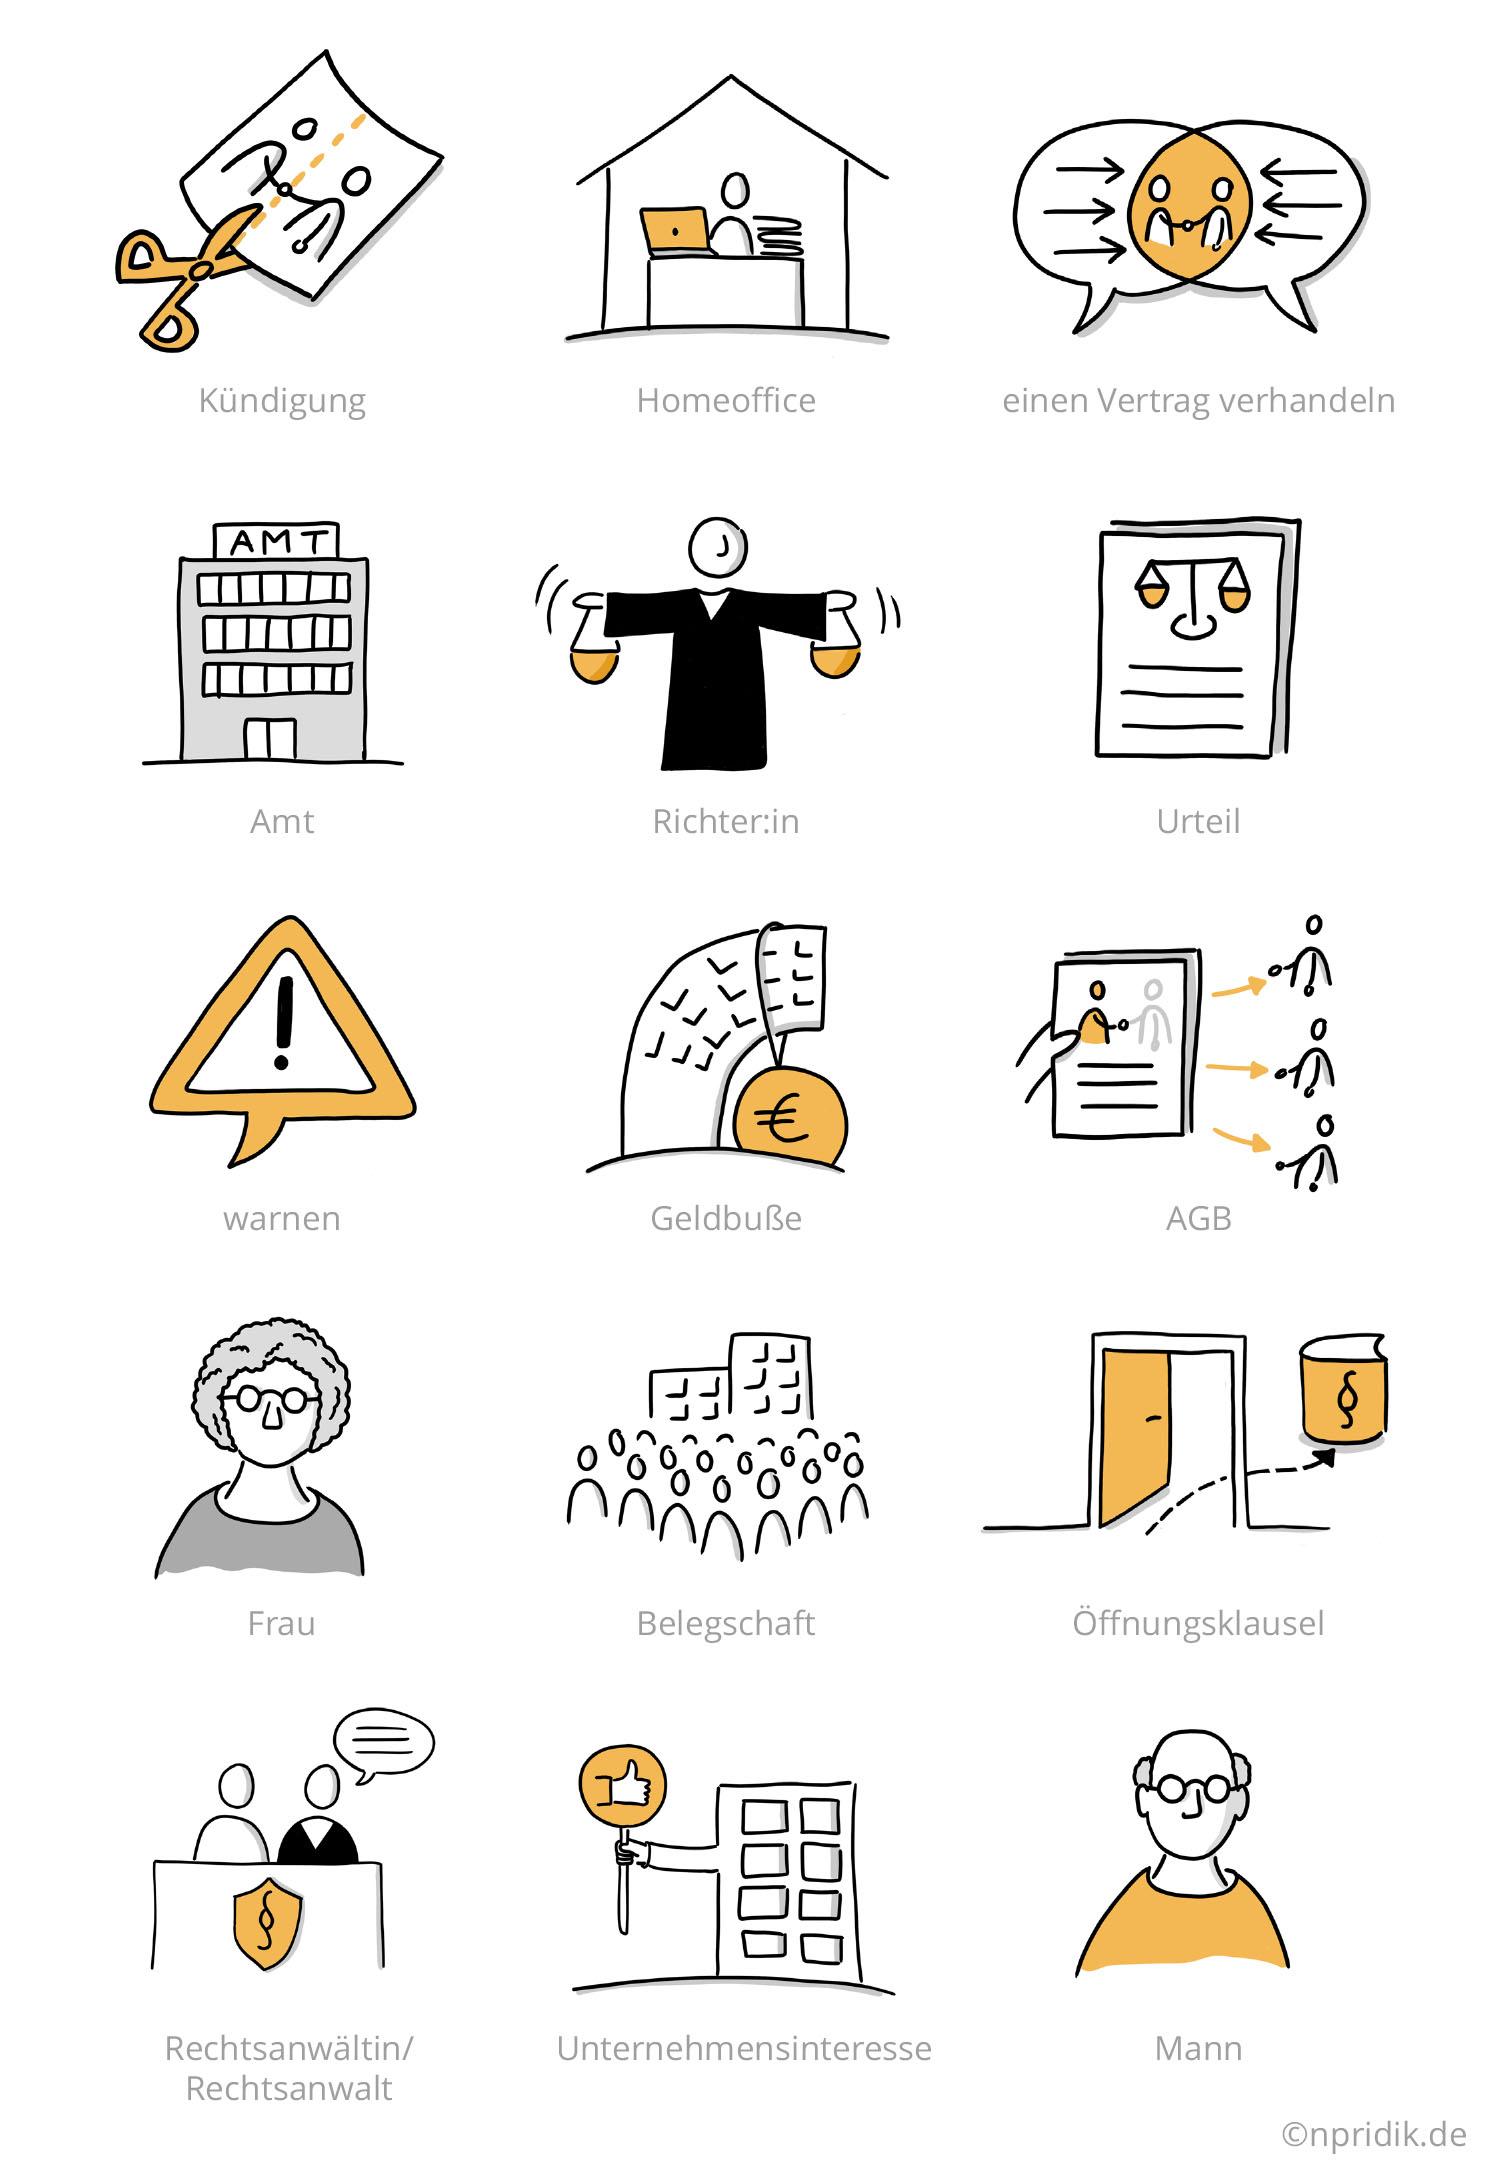 15 visualisierte Begriffe vom Buch, übers Amt und Homeoffice bis zur Geldbuße und Öffnungsklausel